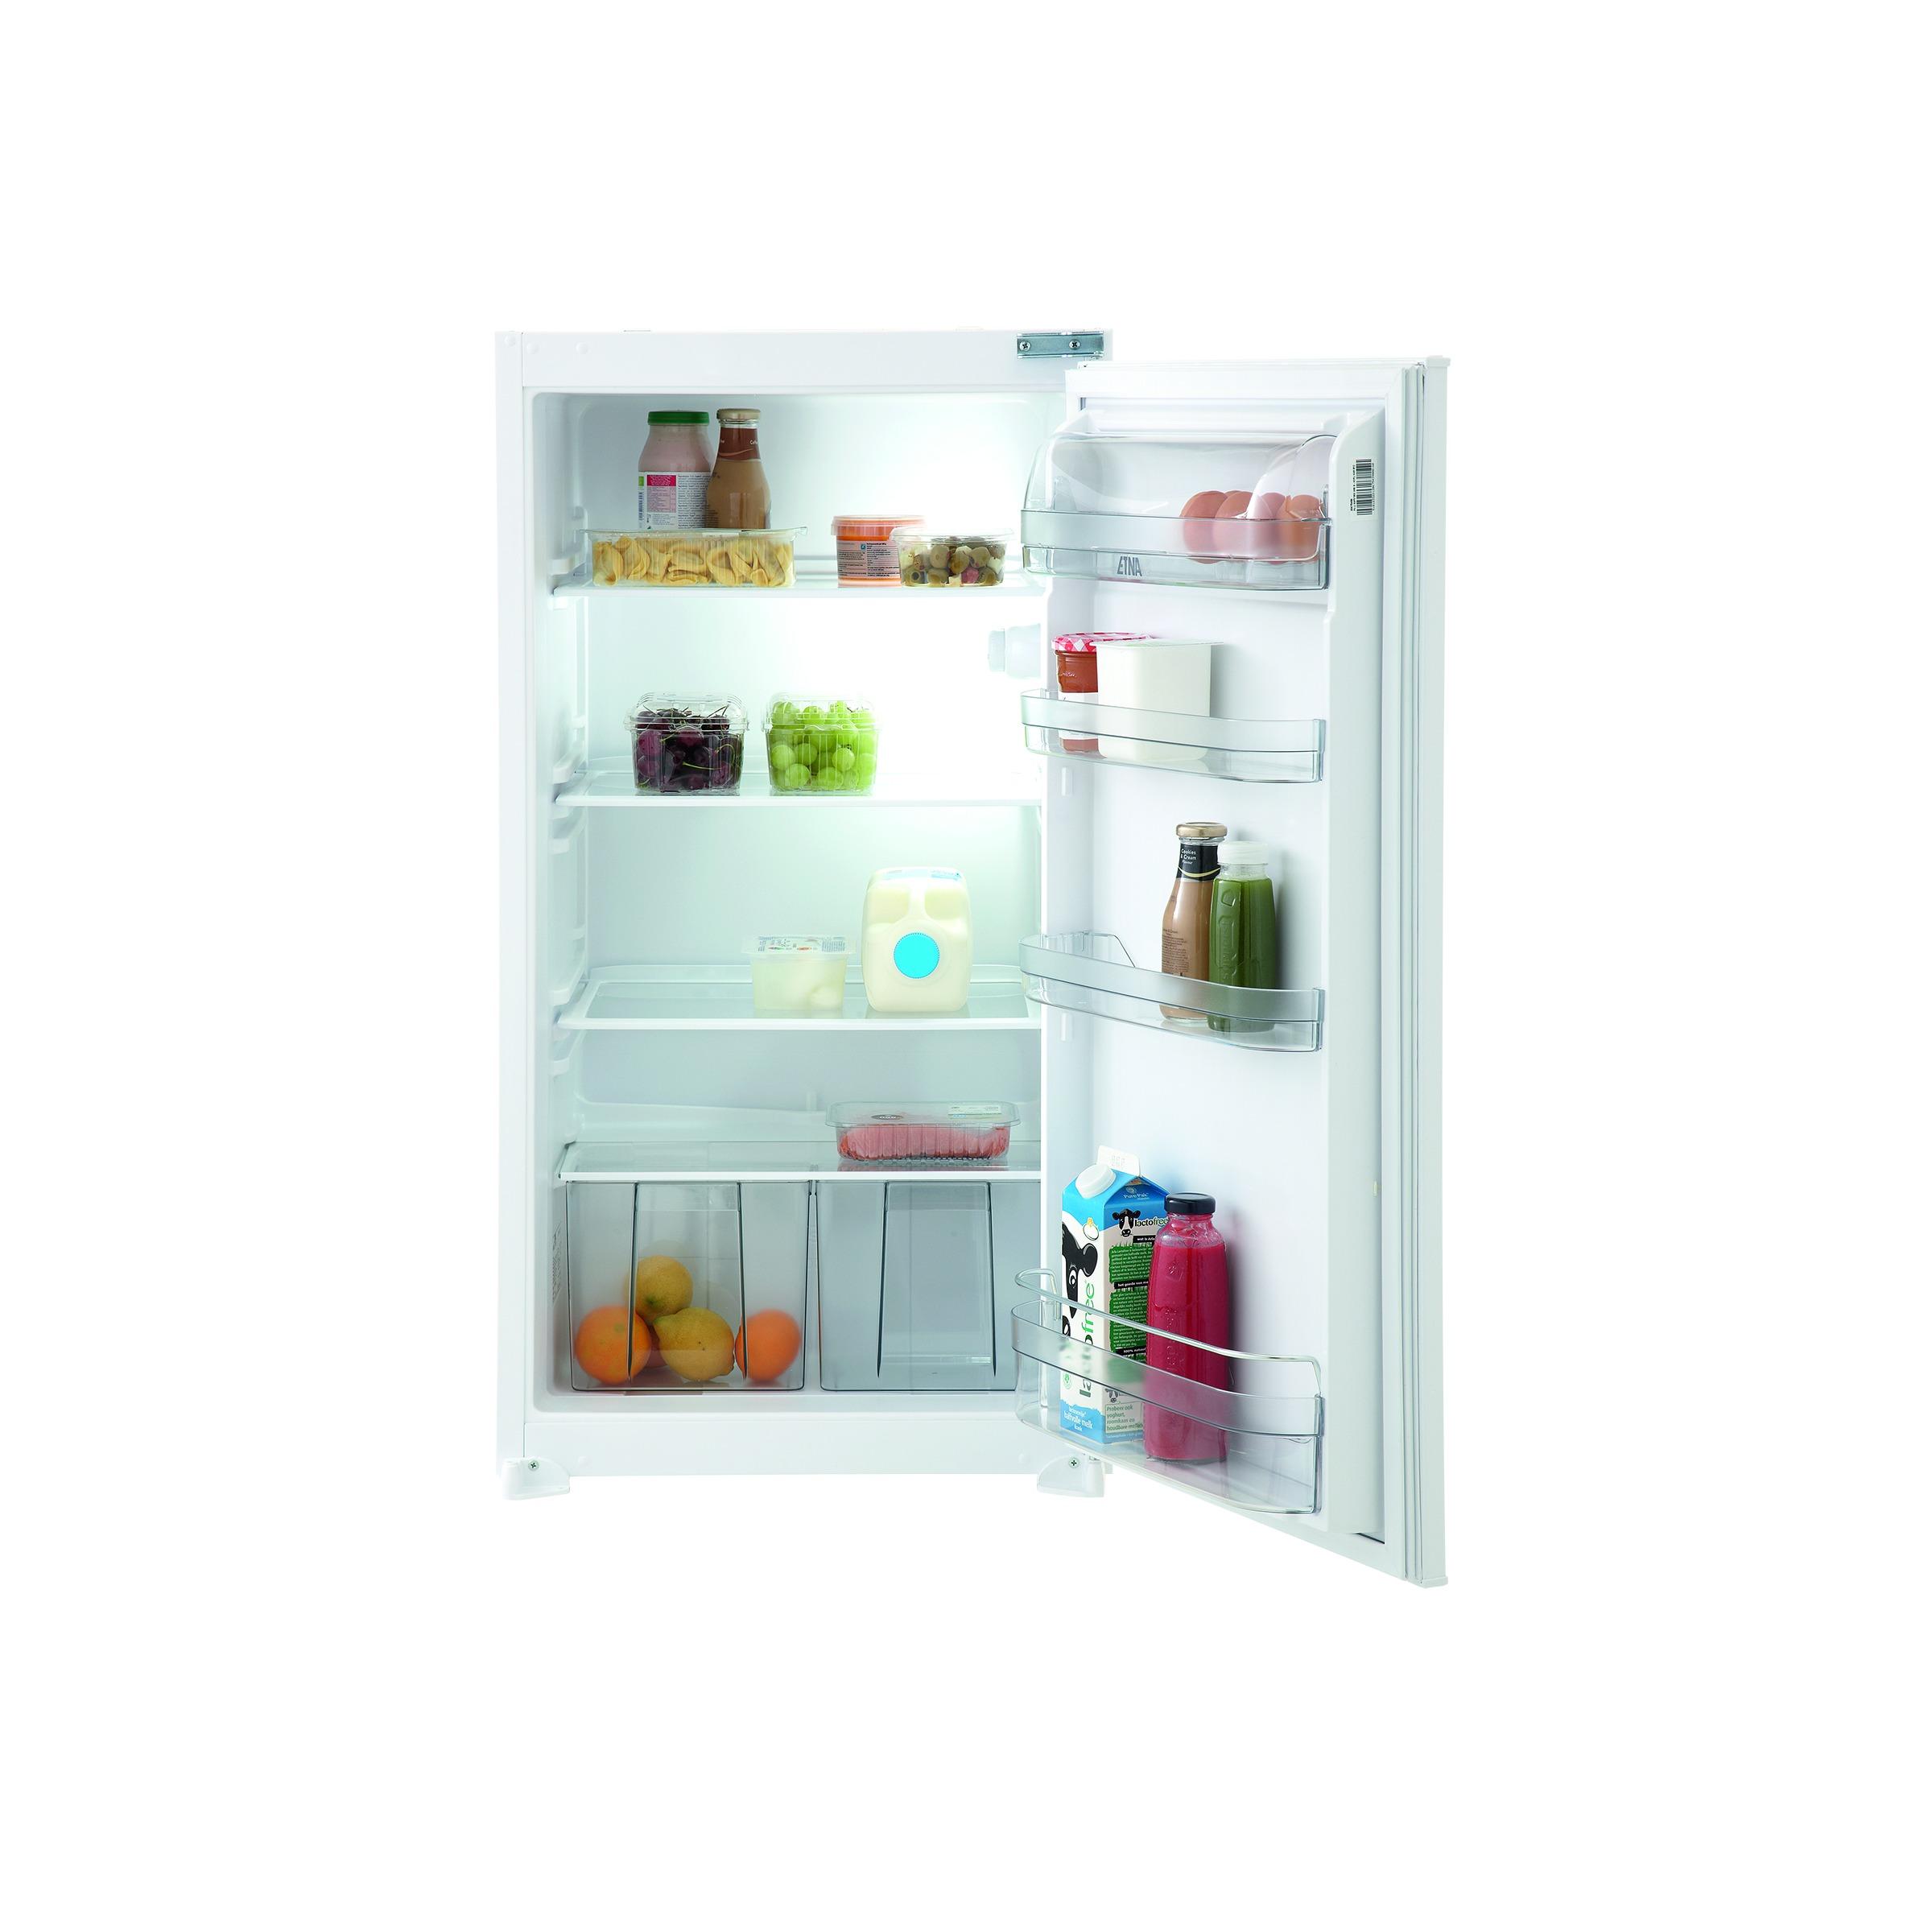 Etna EEK151A inbouw koelkast